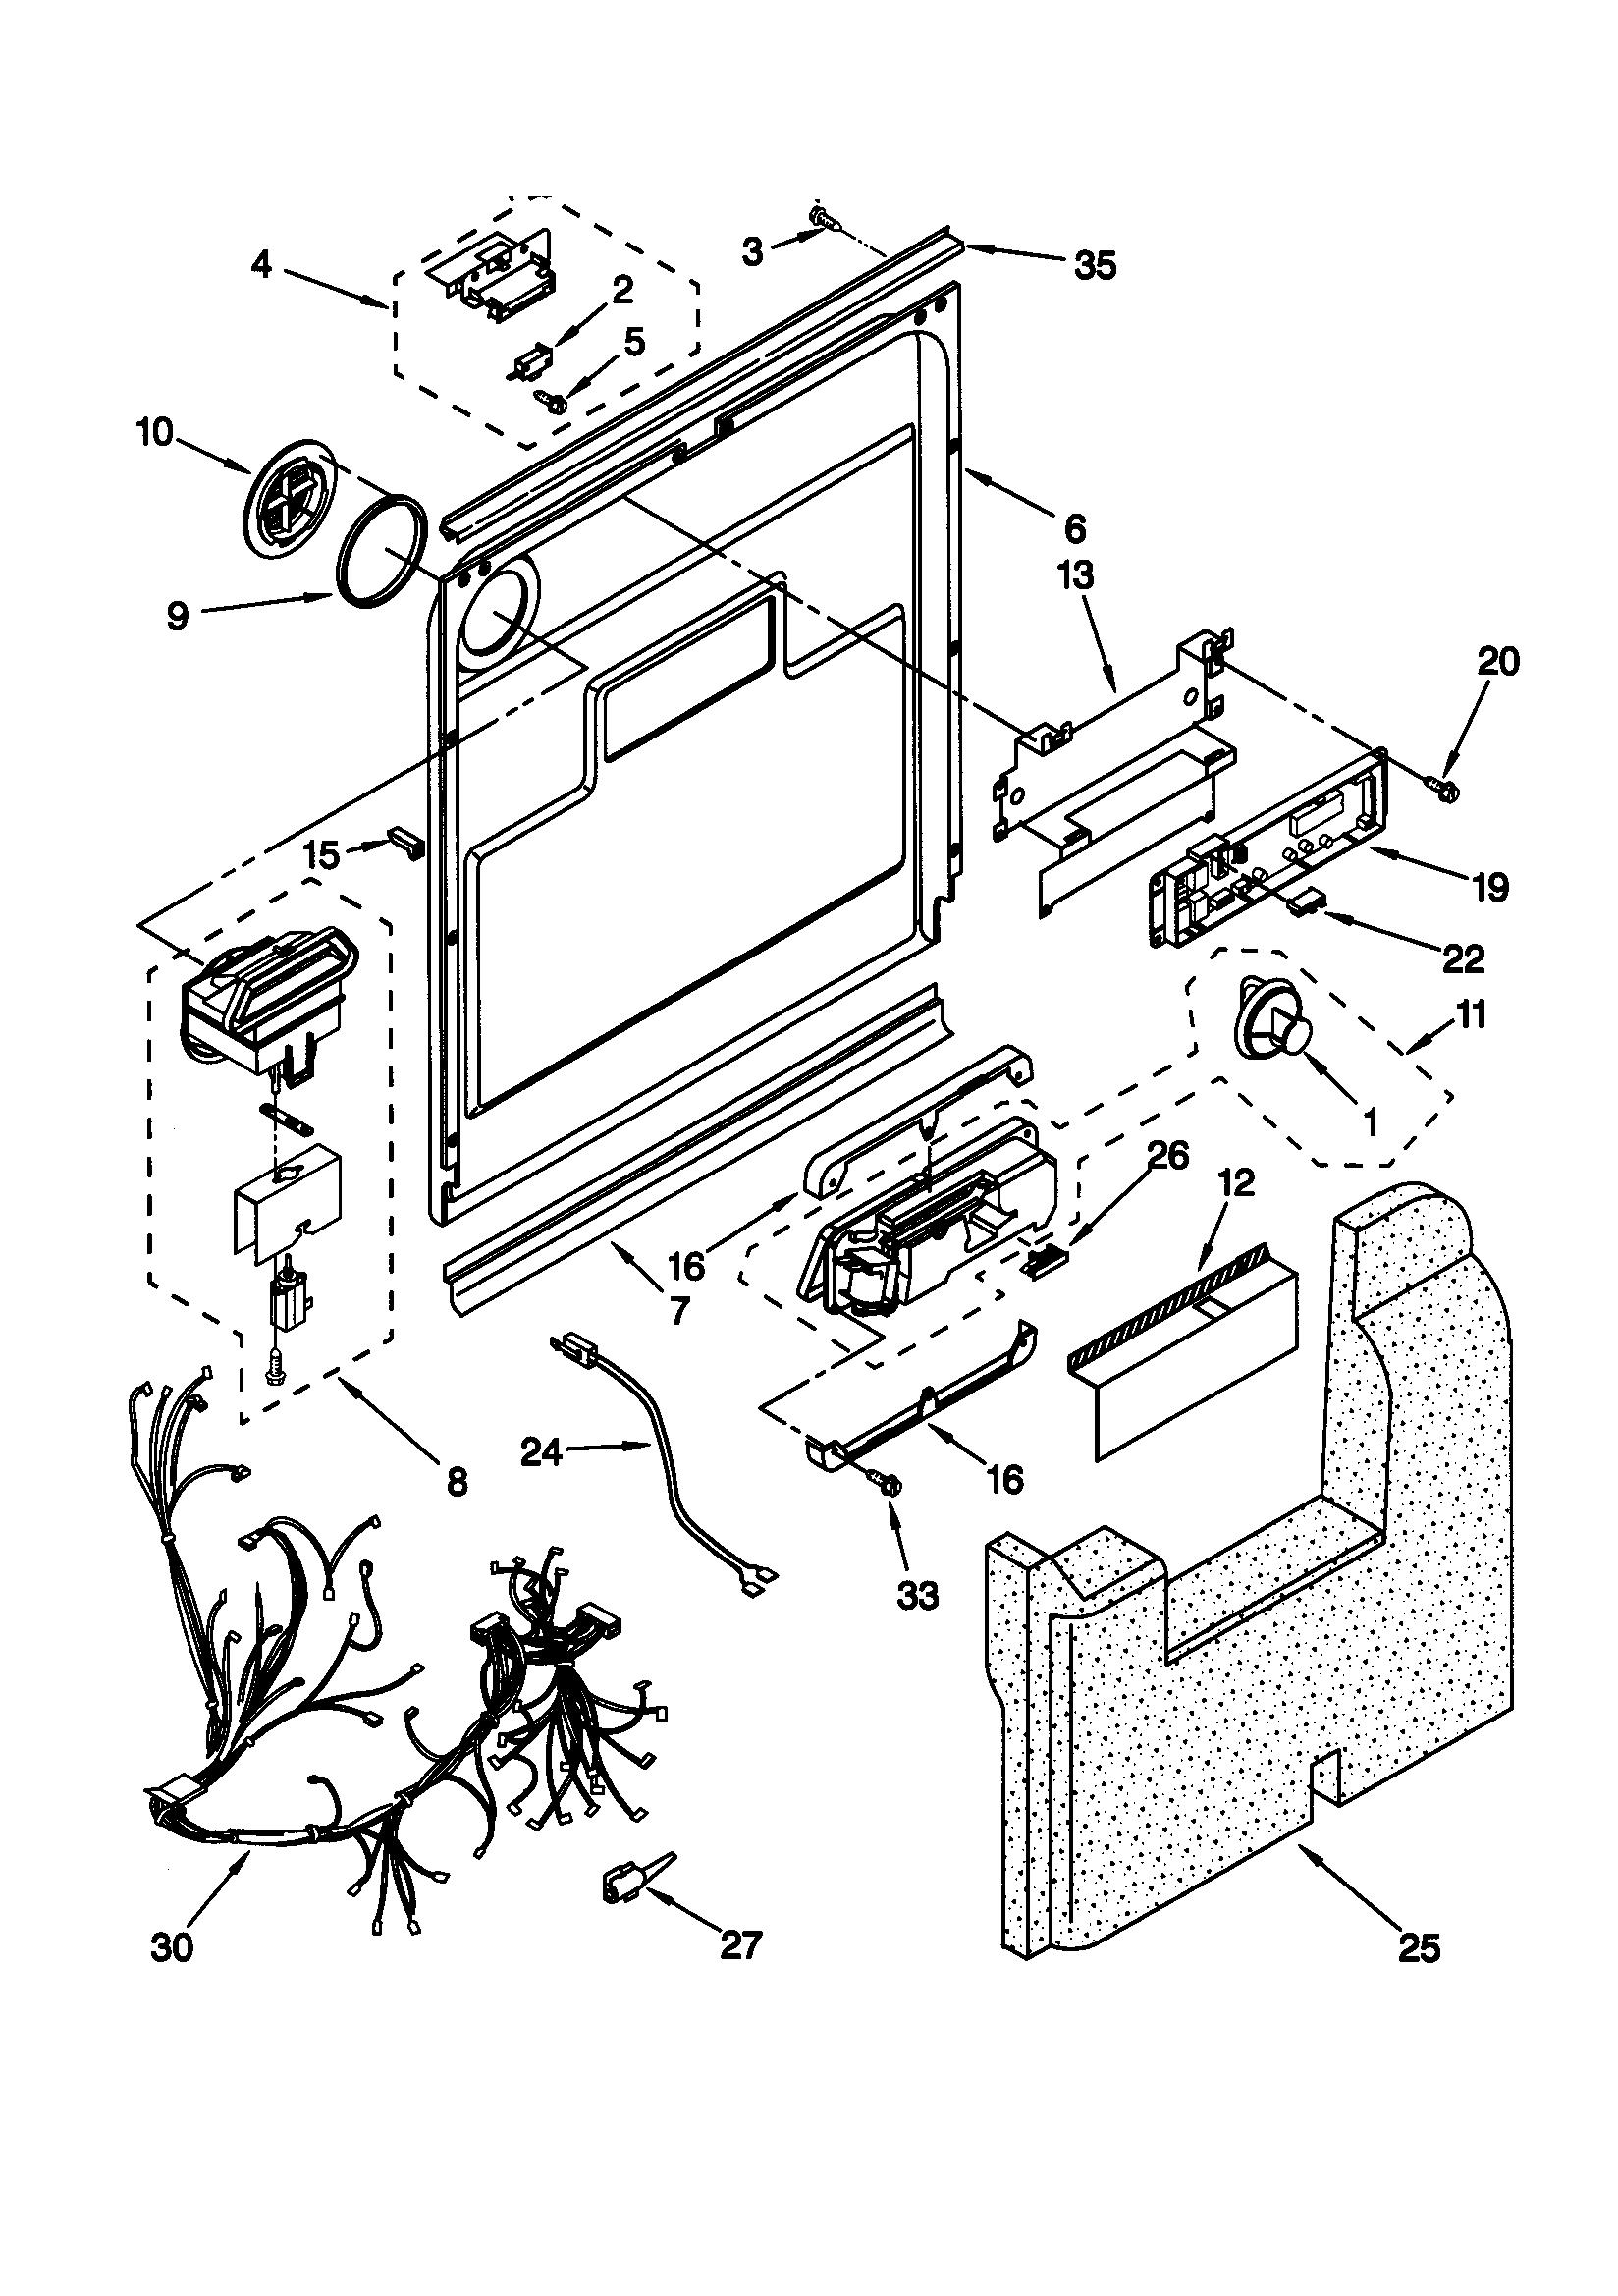 kenmore elite dishwasher model 665 wiring diagram